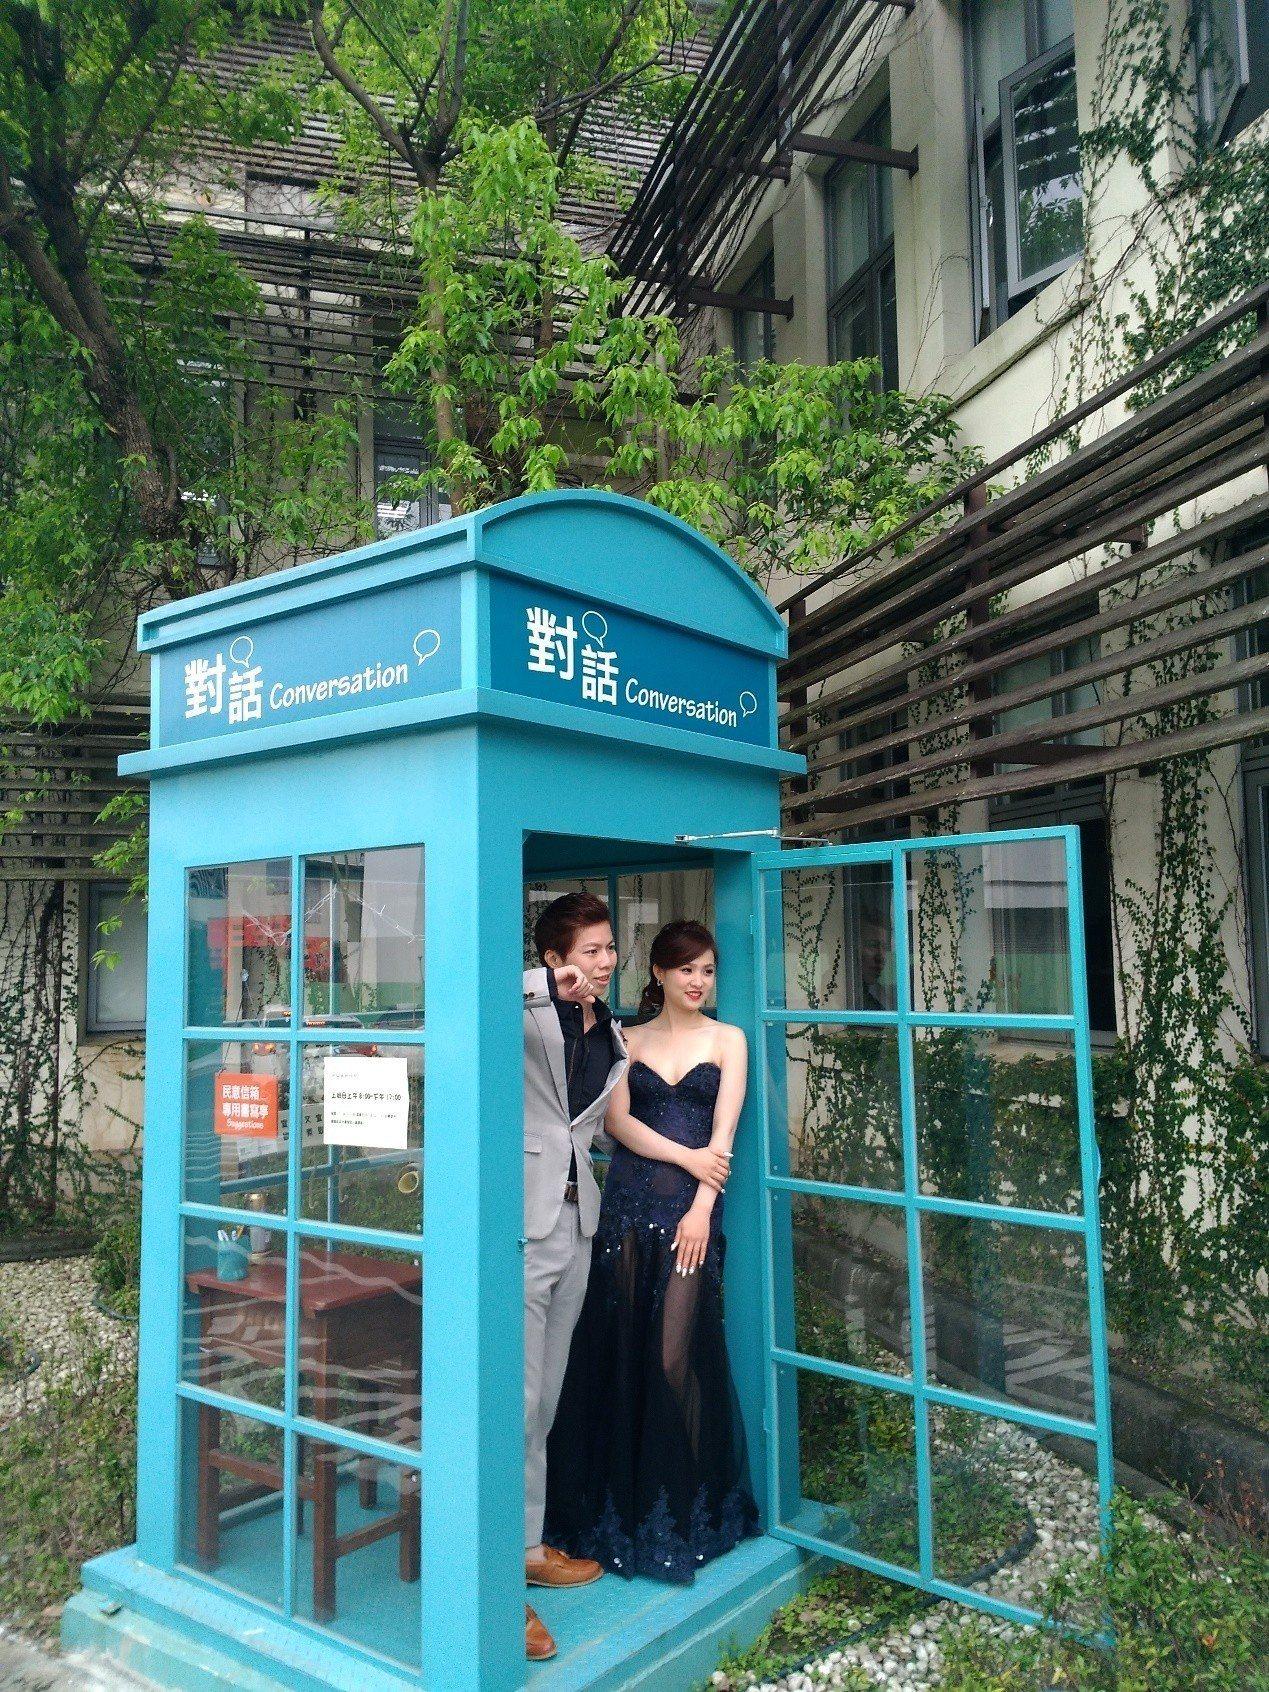 法務部執行署宜蘭分署的這座檢舉專用的電話亭太美麗,竟成了婚攝的人氣景點。圖/法務...